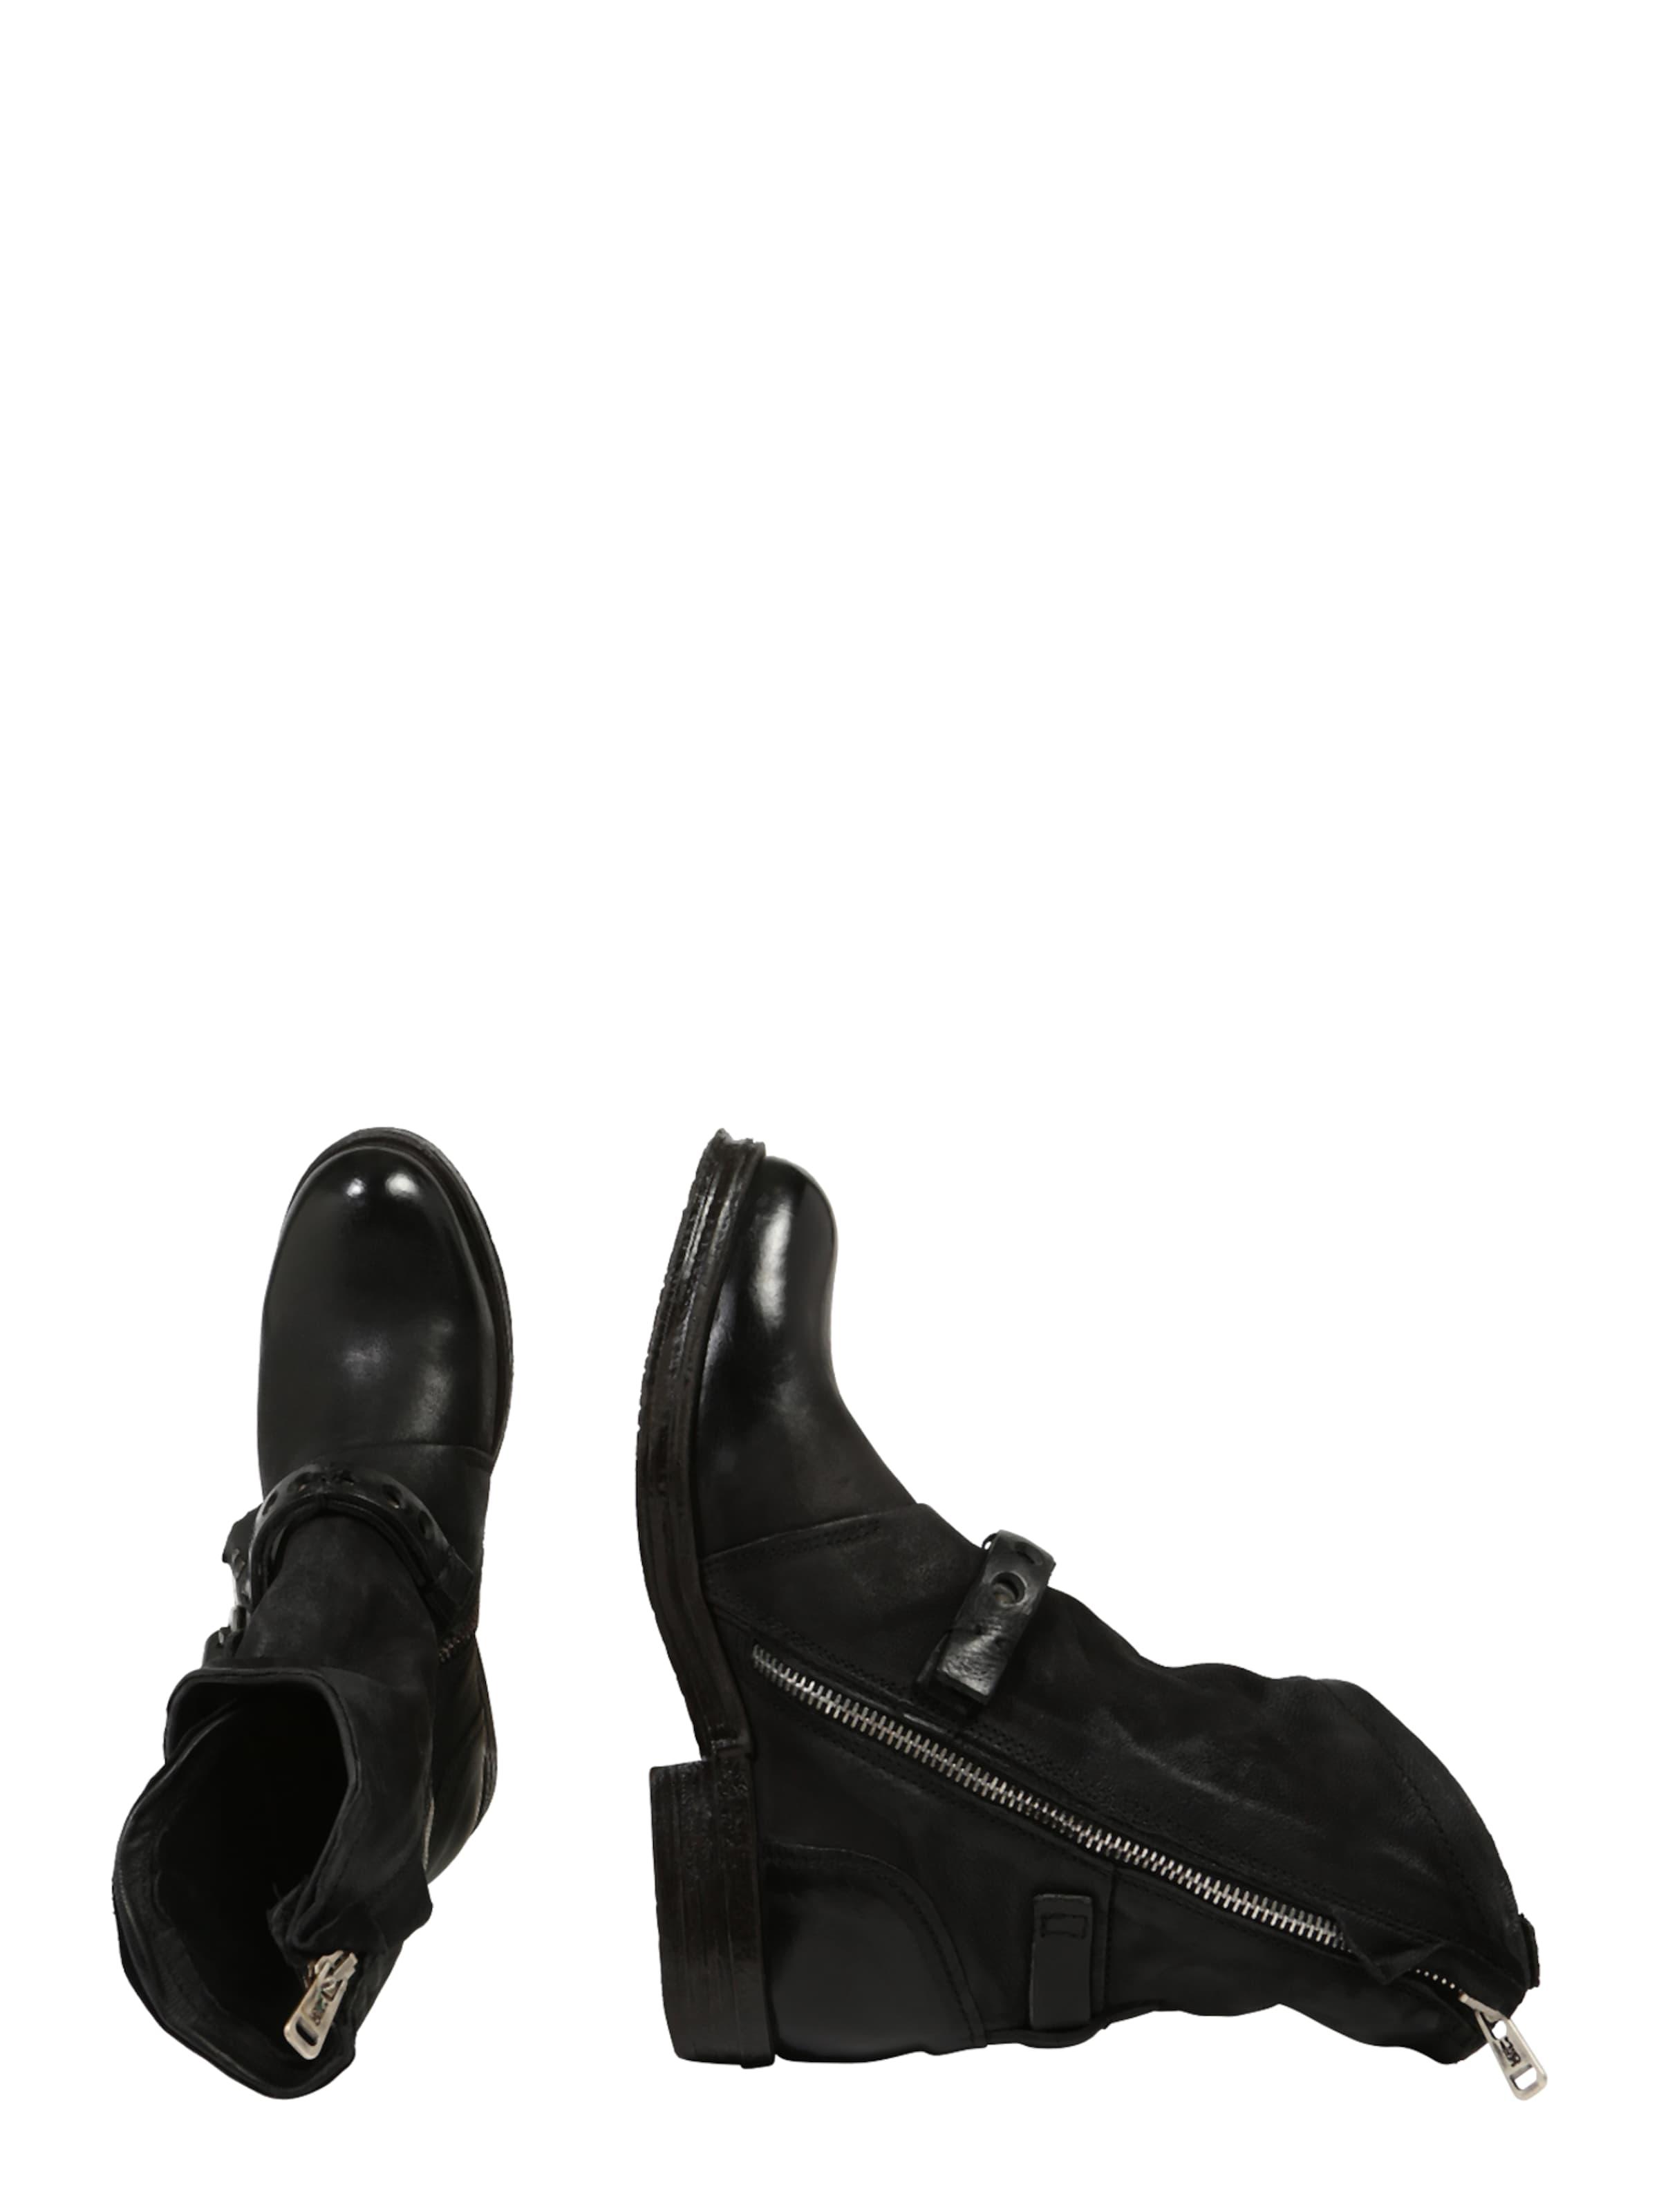 Boots En s A 98 Noir 6b7gYfy